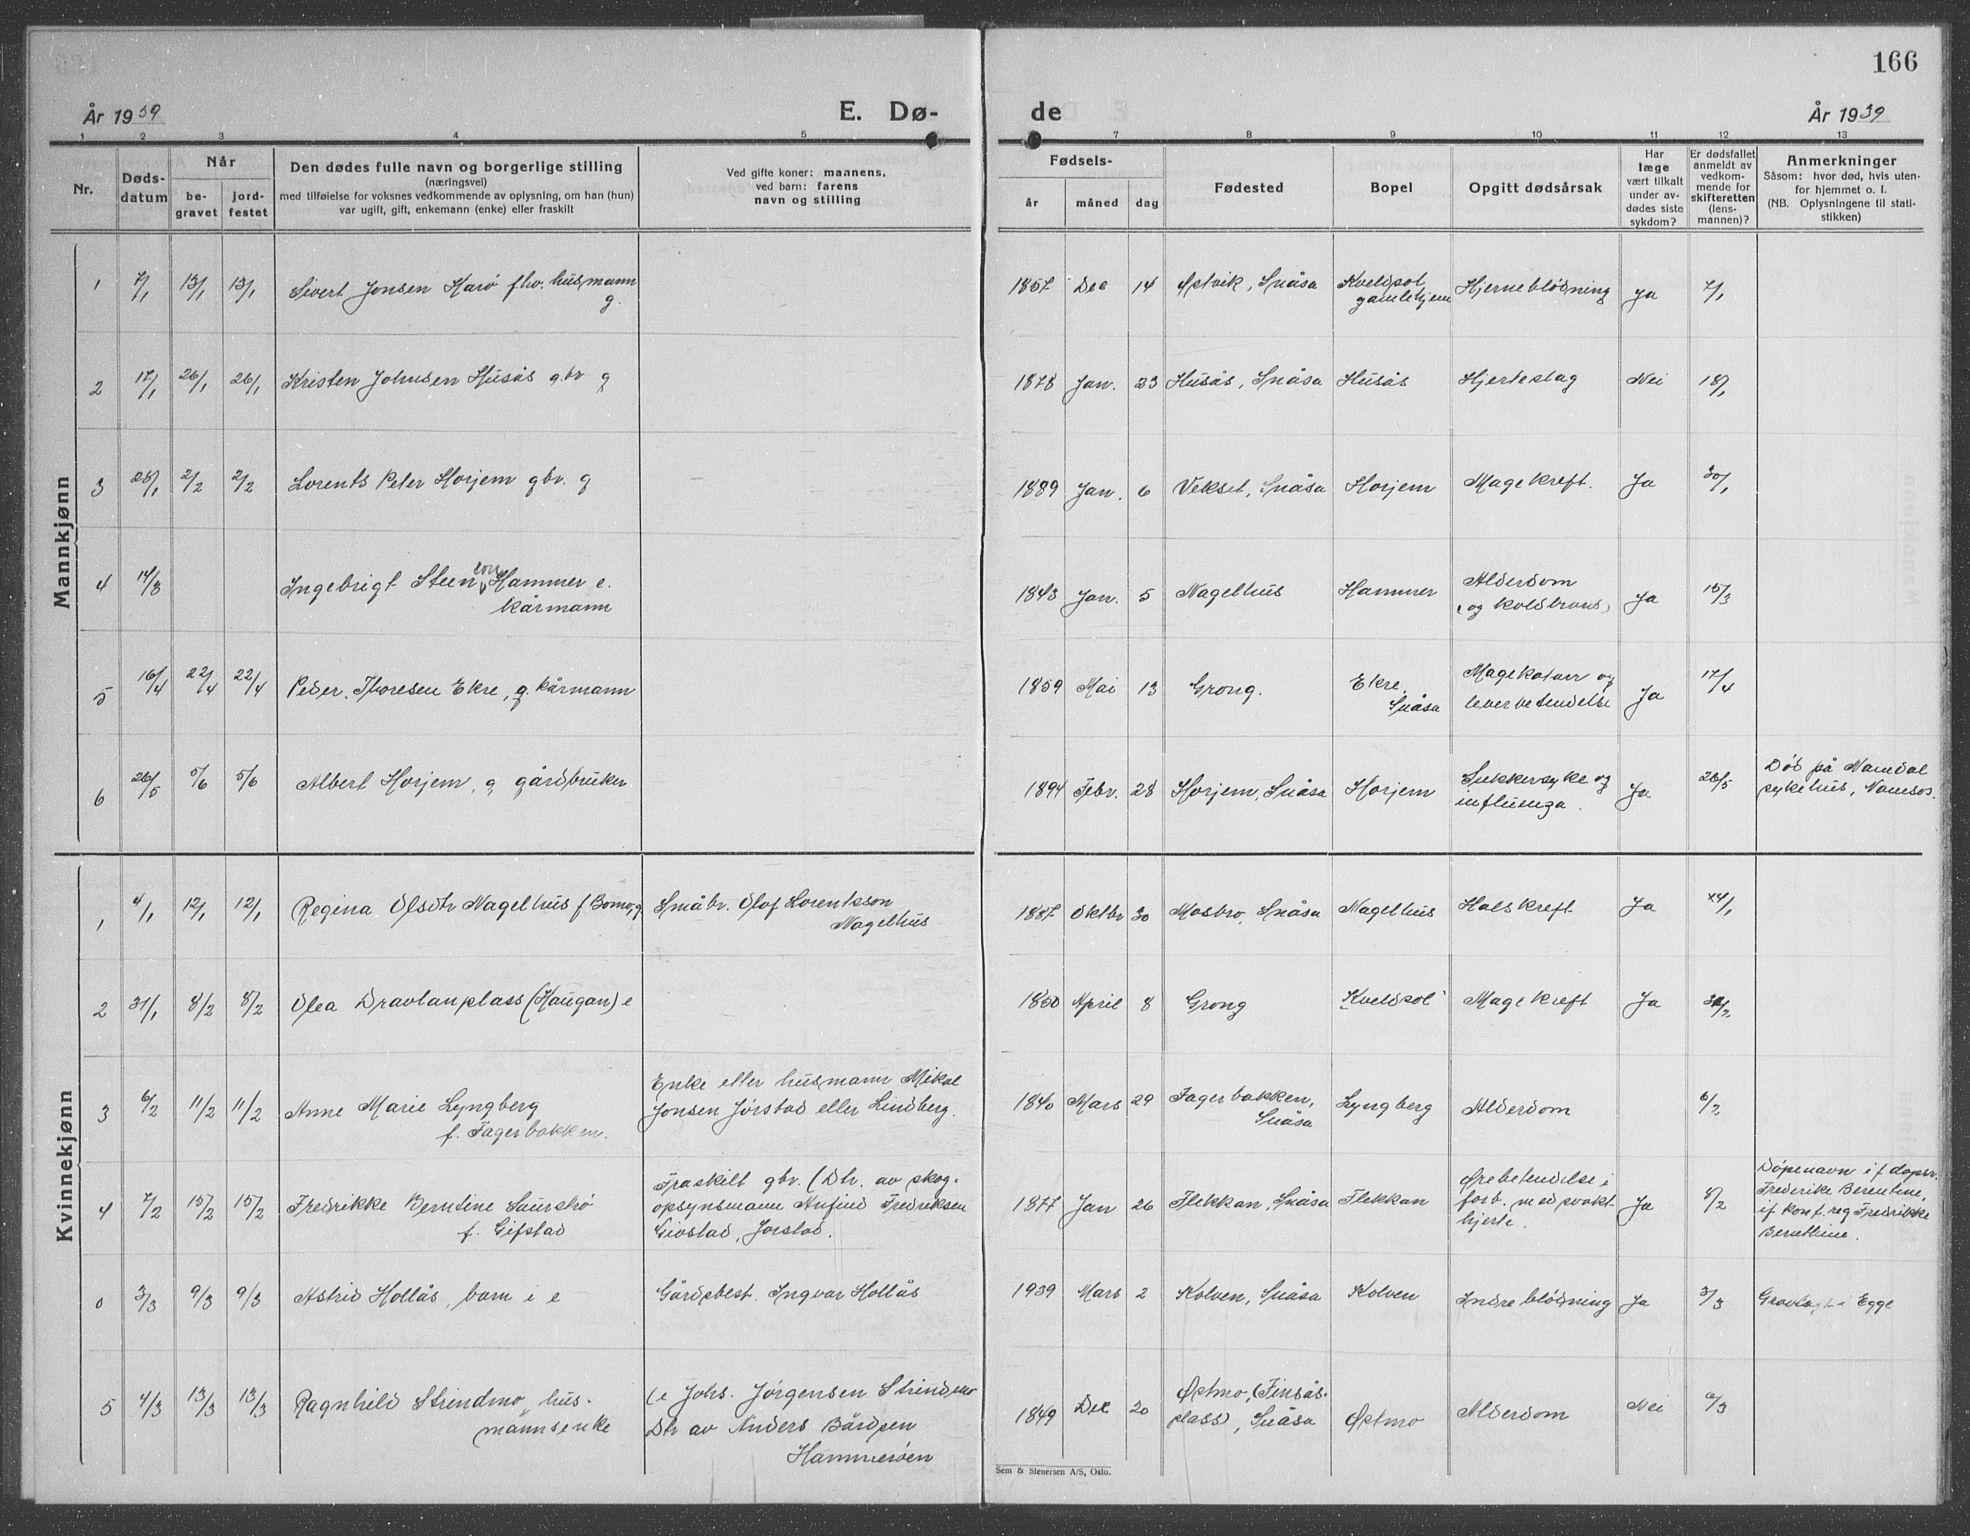 SAT, Ministerialprotokoller, klokkerbøker og fødselsregistre - Nord-Trøndelag, 749/L0481: Klokkerbok nr. 749C03, 1933-1945, s. 166